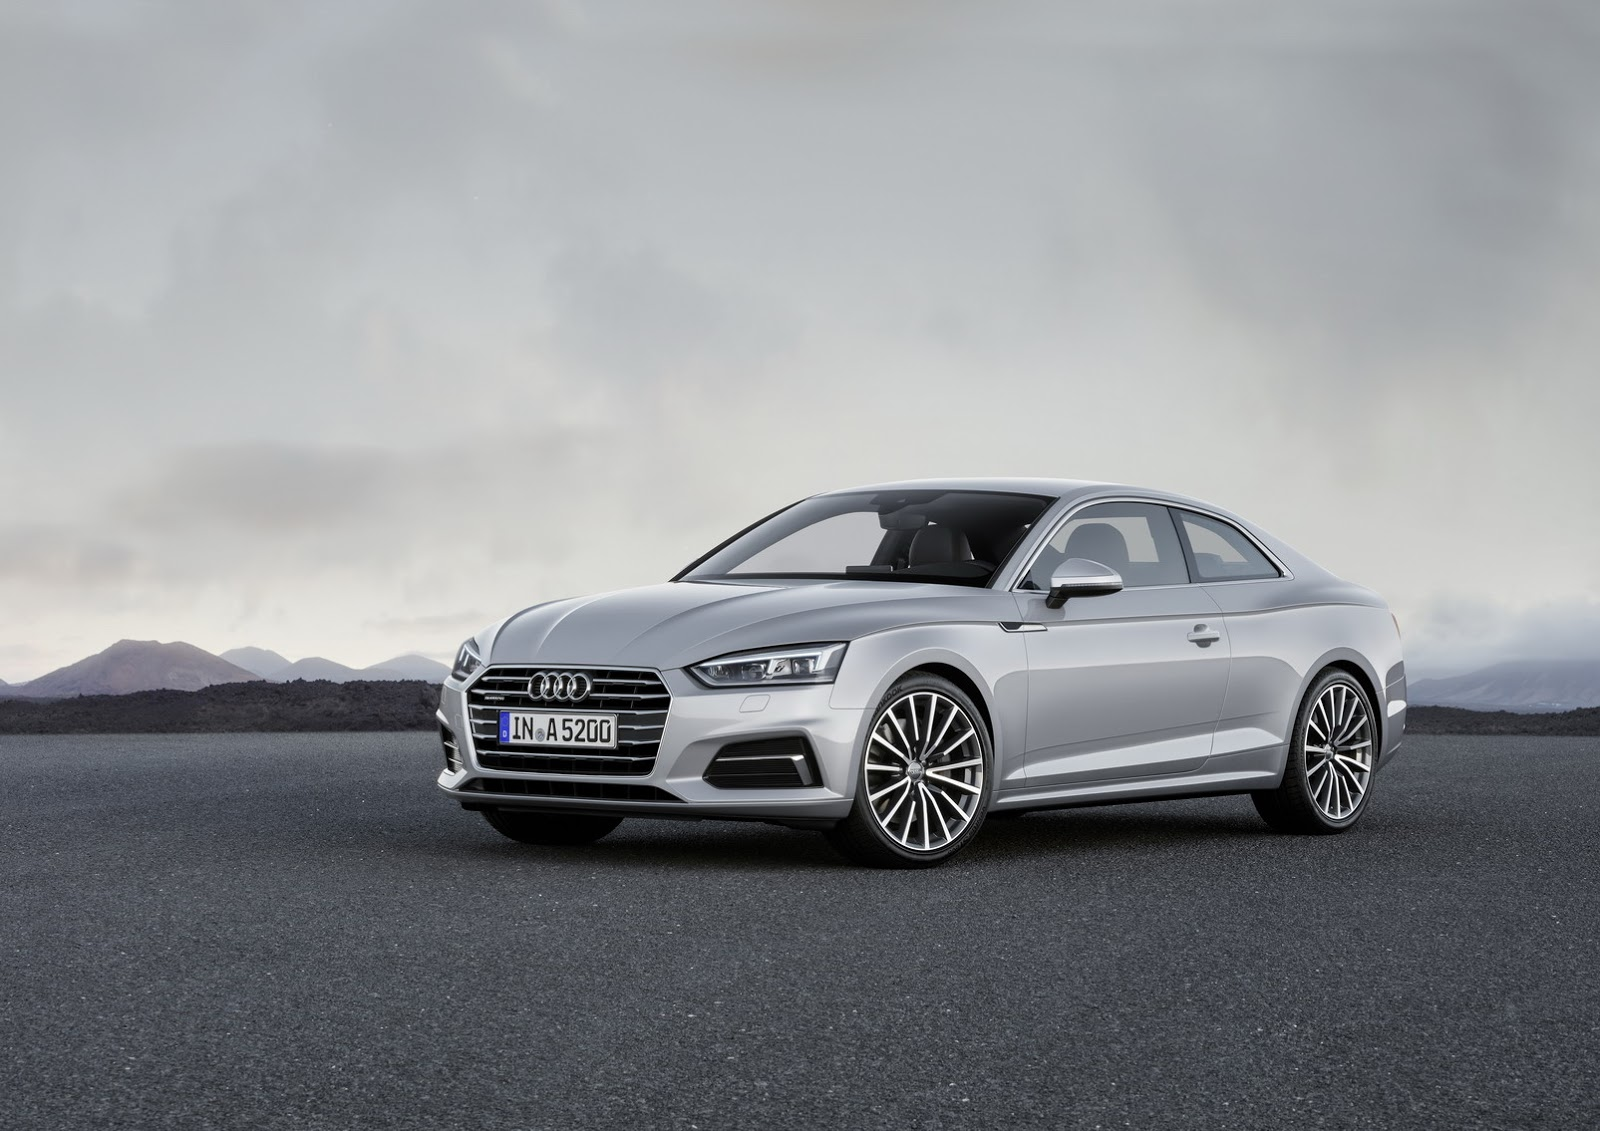 Để tạo sự khác biệt hẳn so với người anh em A4, hãng Audi đã đưa cụm đèn pha mới với kiểu dáng gọn gàng hơn cho A5 2017. Thêm vào đó là thân vỏ mềm mại, nhiều đường cong hơn trước.